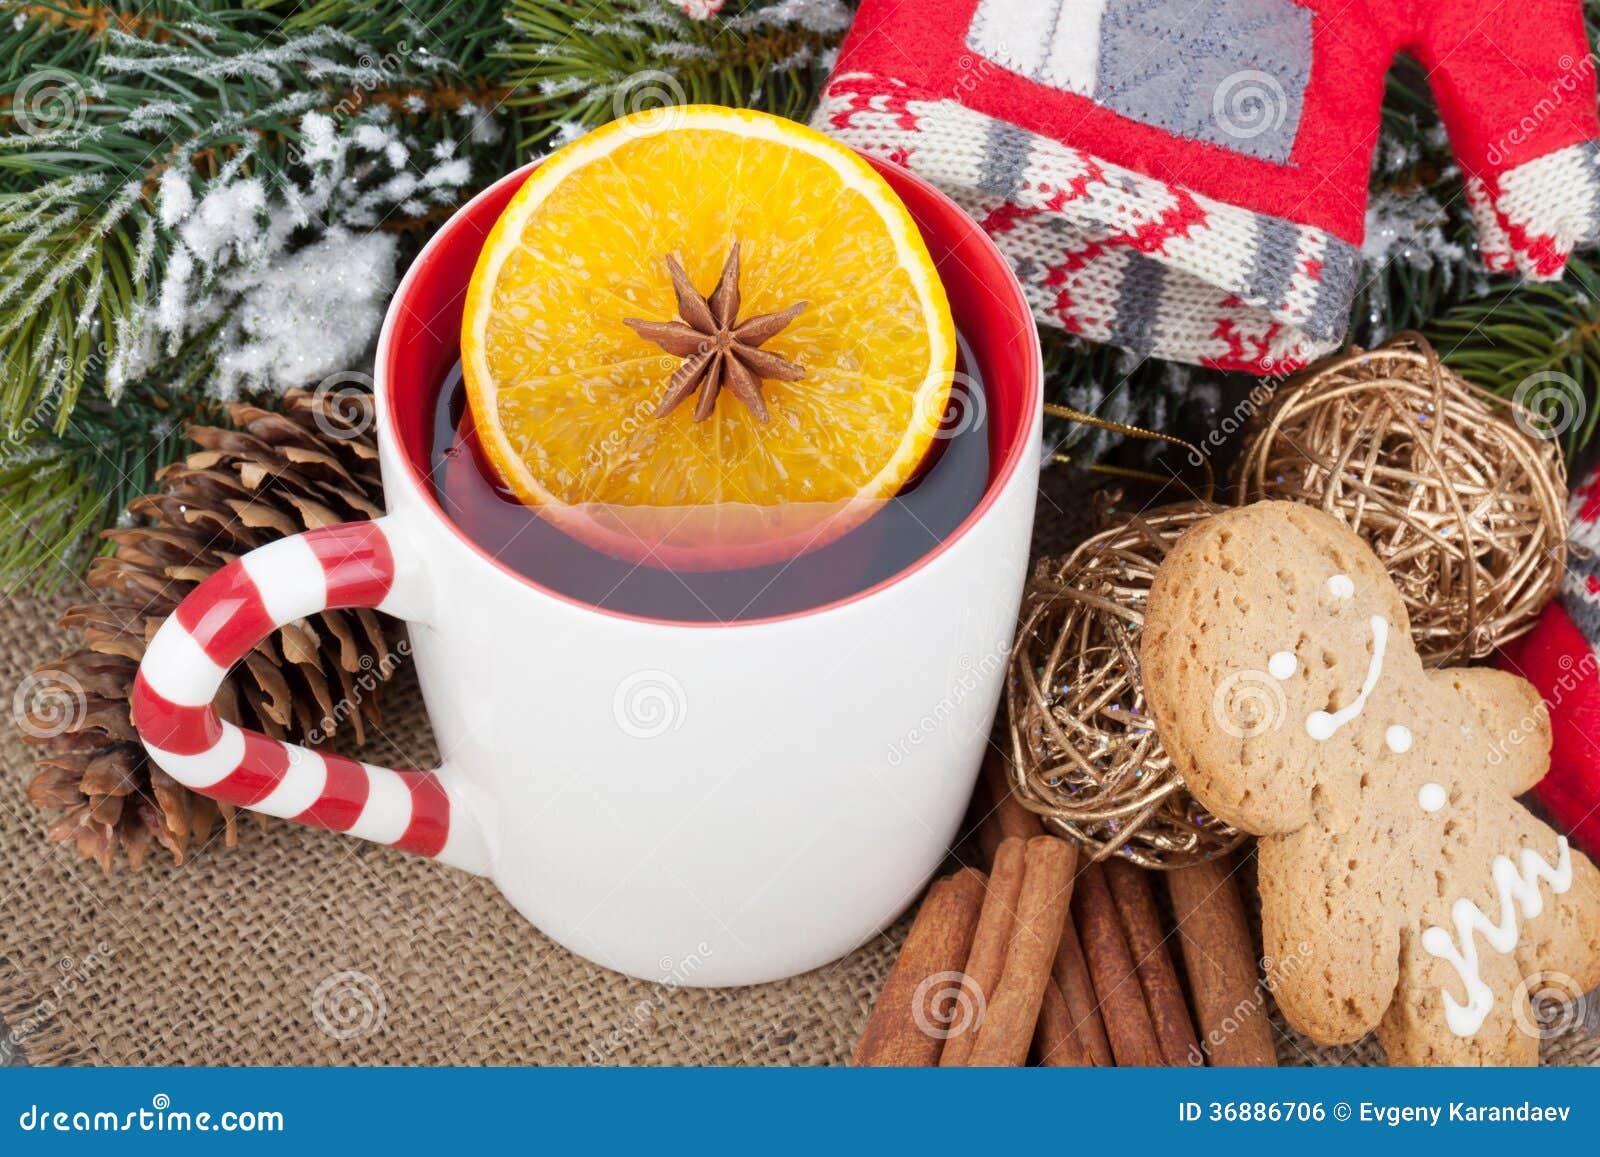 Weihnachtsgluhwein Mit Tannenbaum Lebkuchen Und Dekor Stockfoto